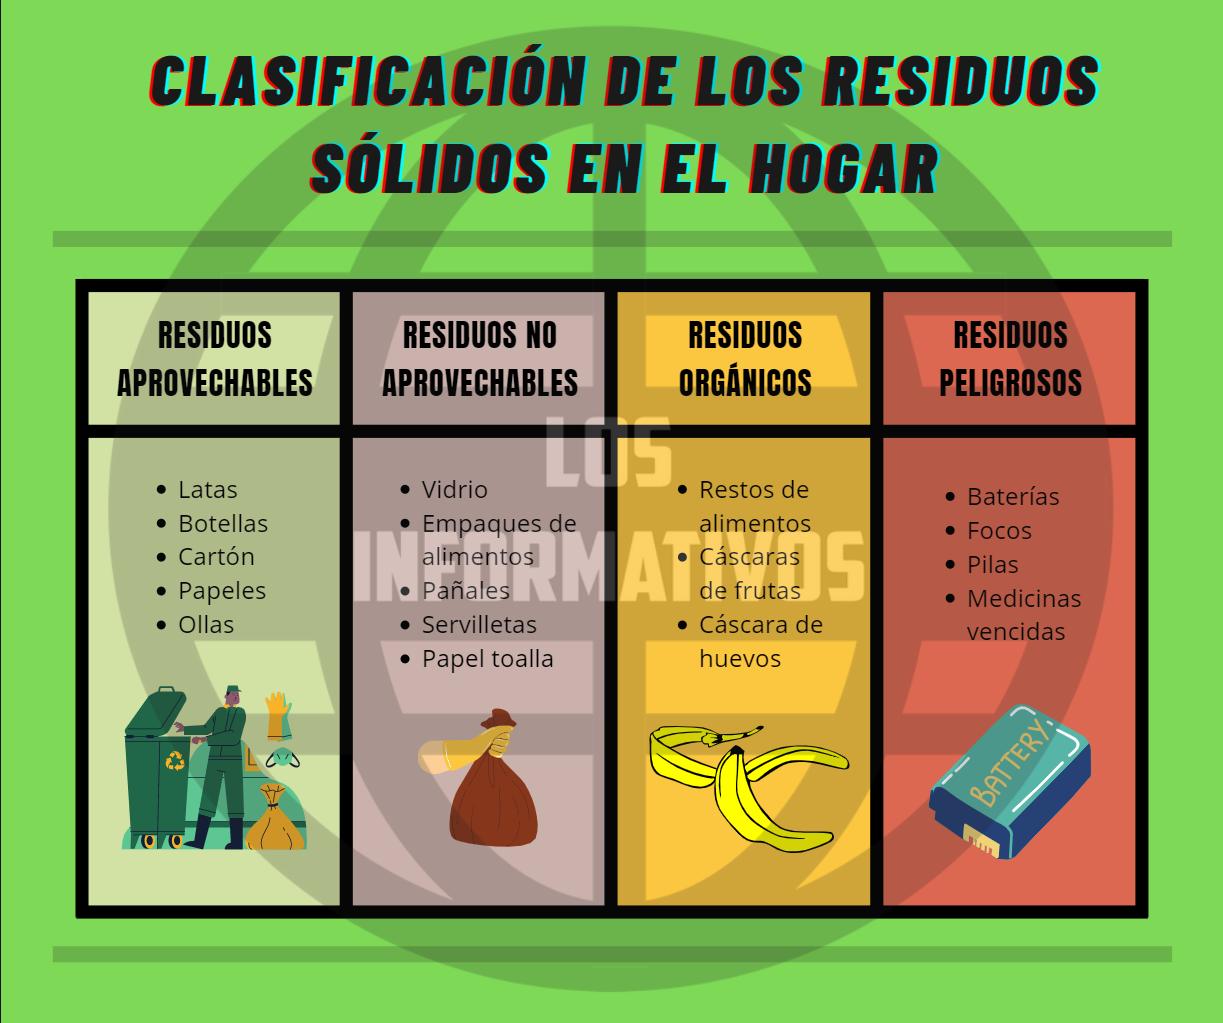 Clasificación de los residuos sólidos en el hogar